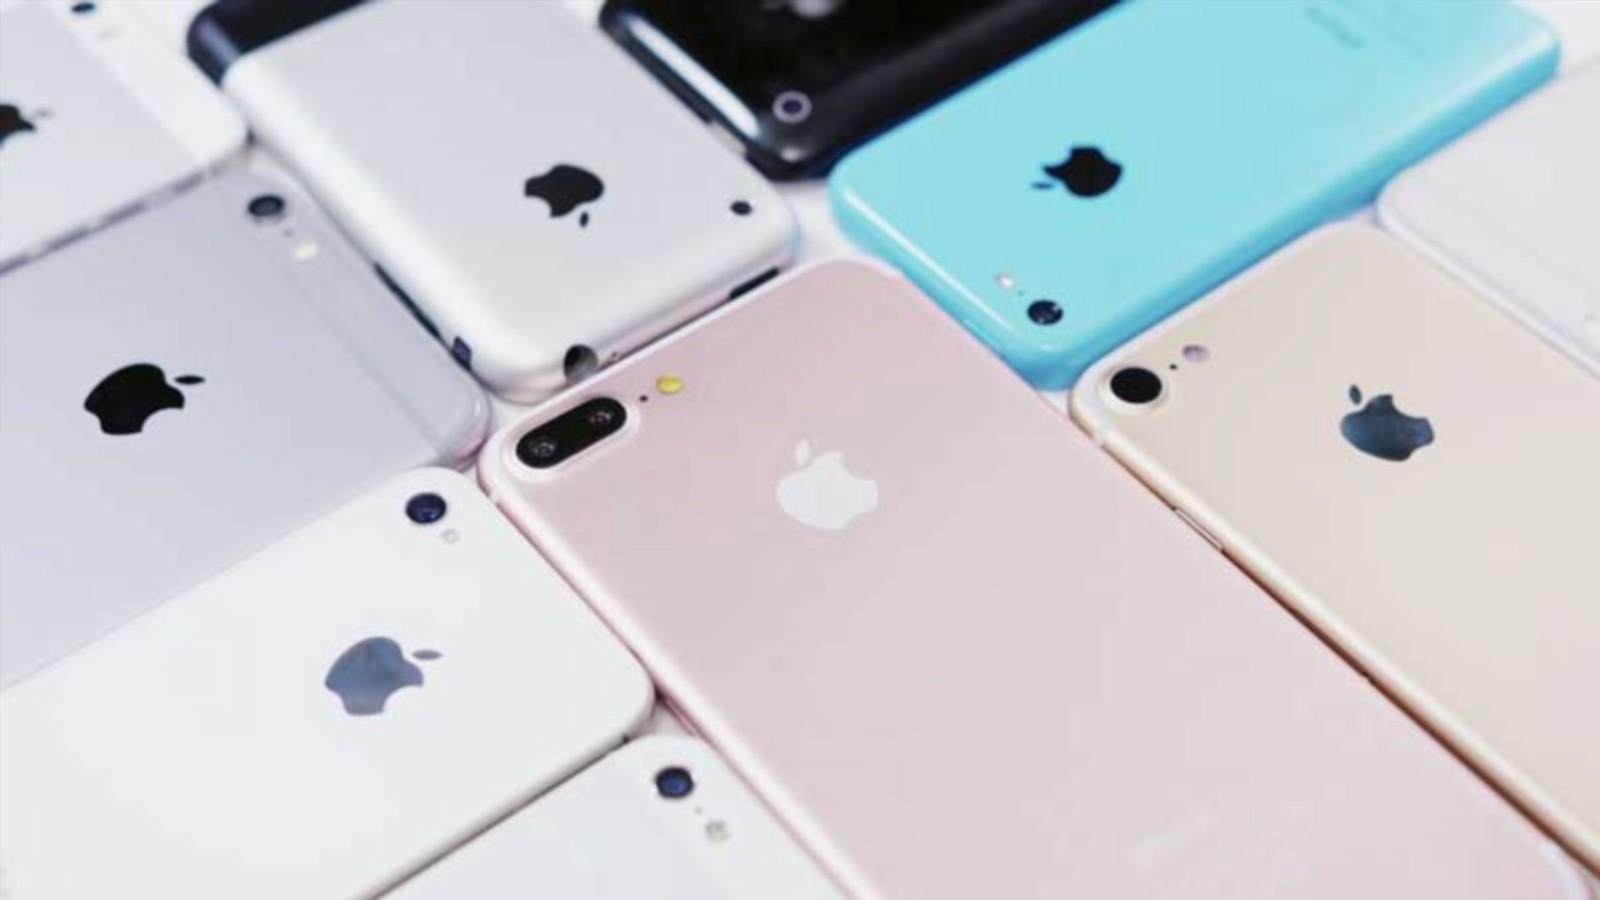 Вweb-сети интернет опубликовали все обновленные модели iPhone